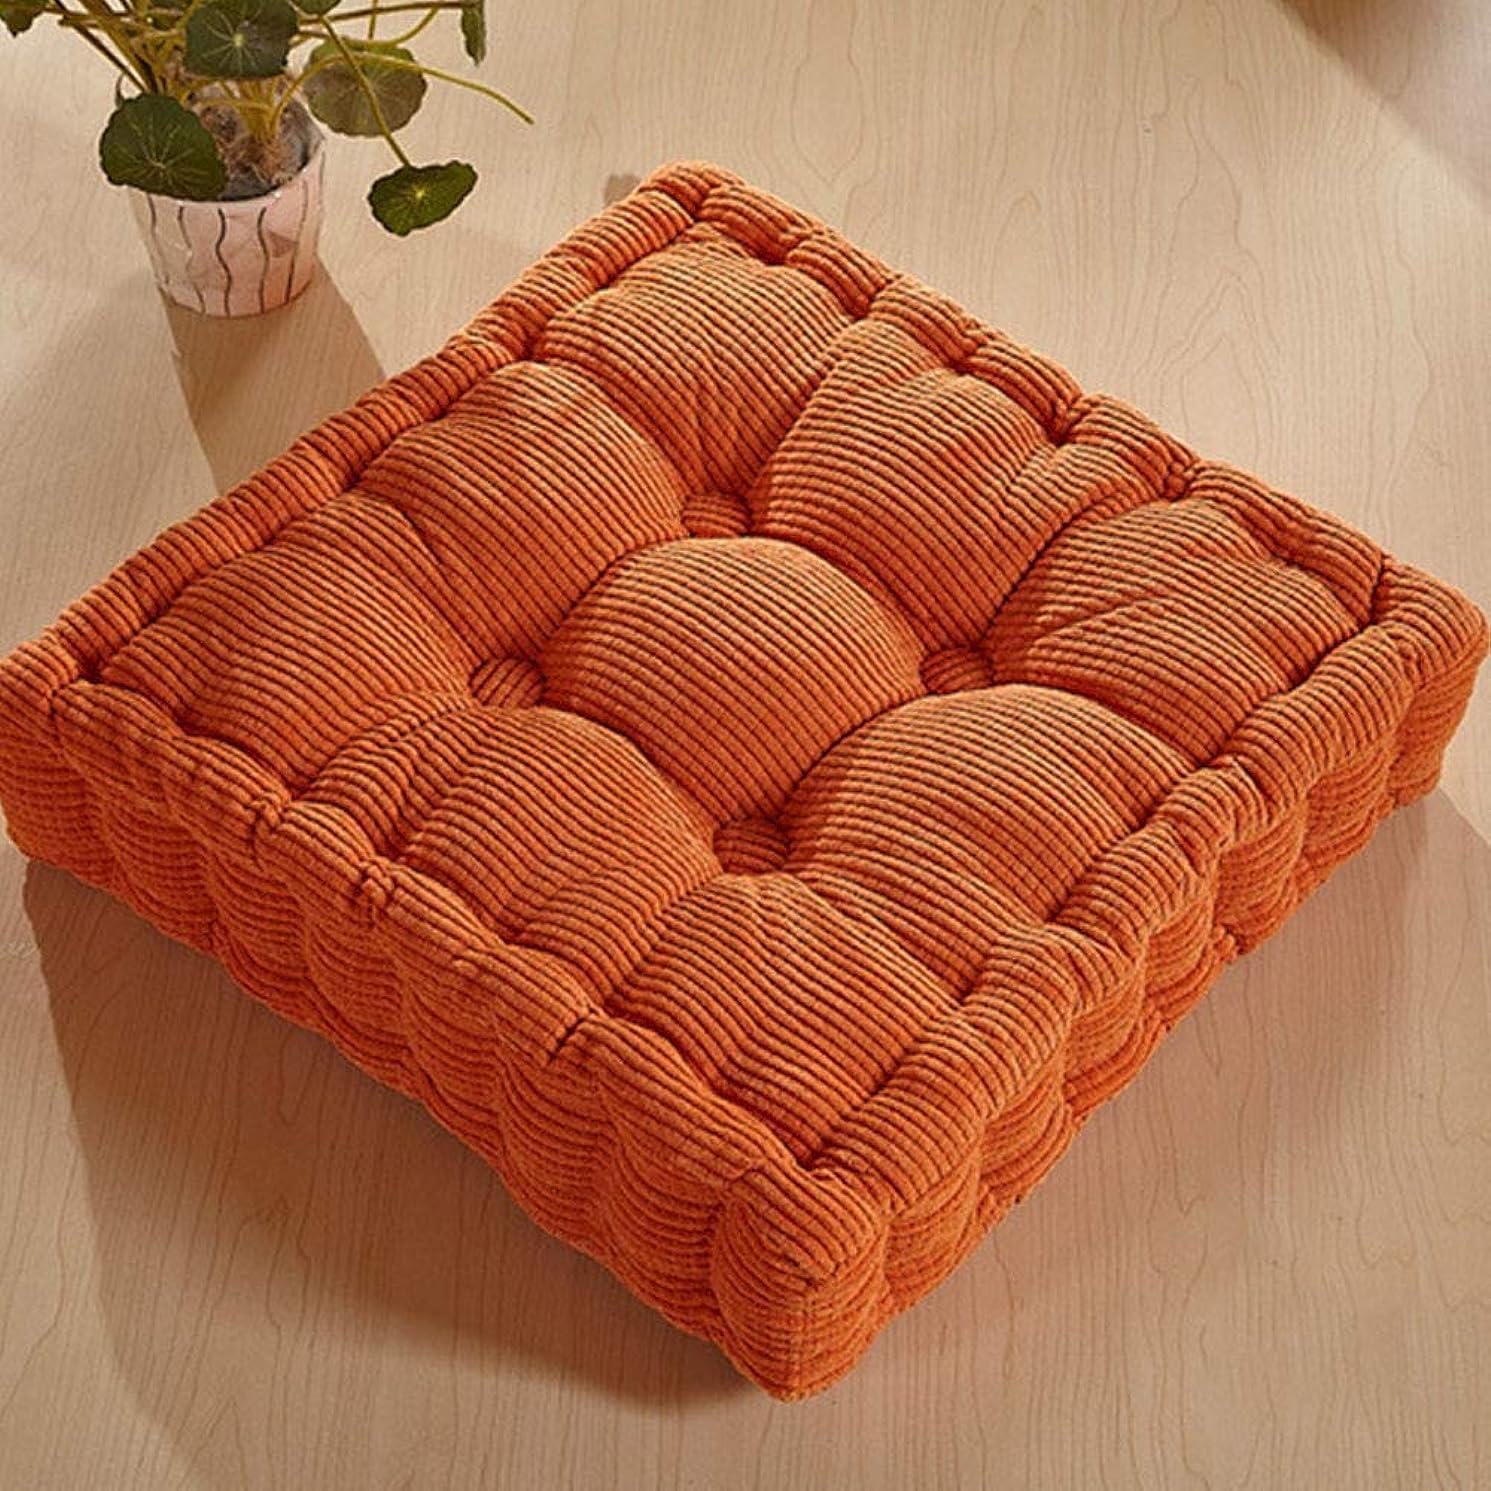 円形水銀の目的座布団 クッション FidgetFidget 厚め 無地 シートクッション 体圧分散 座り心地いい orange 40X40cm